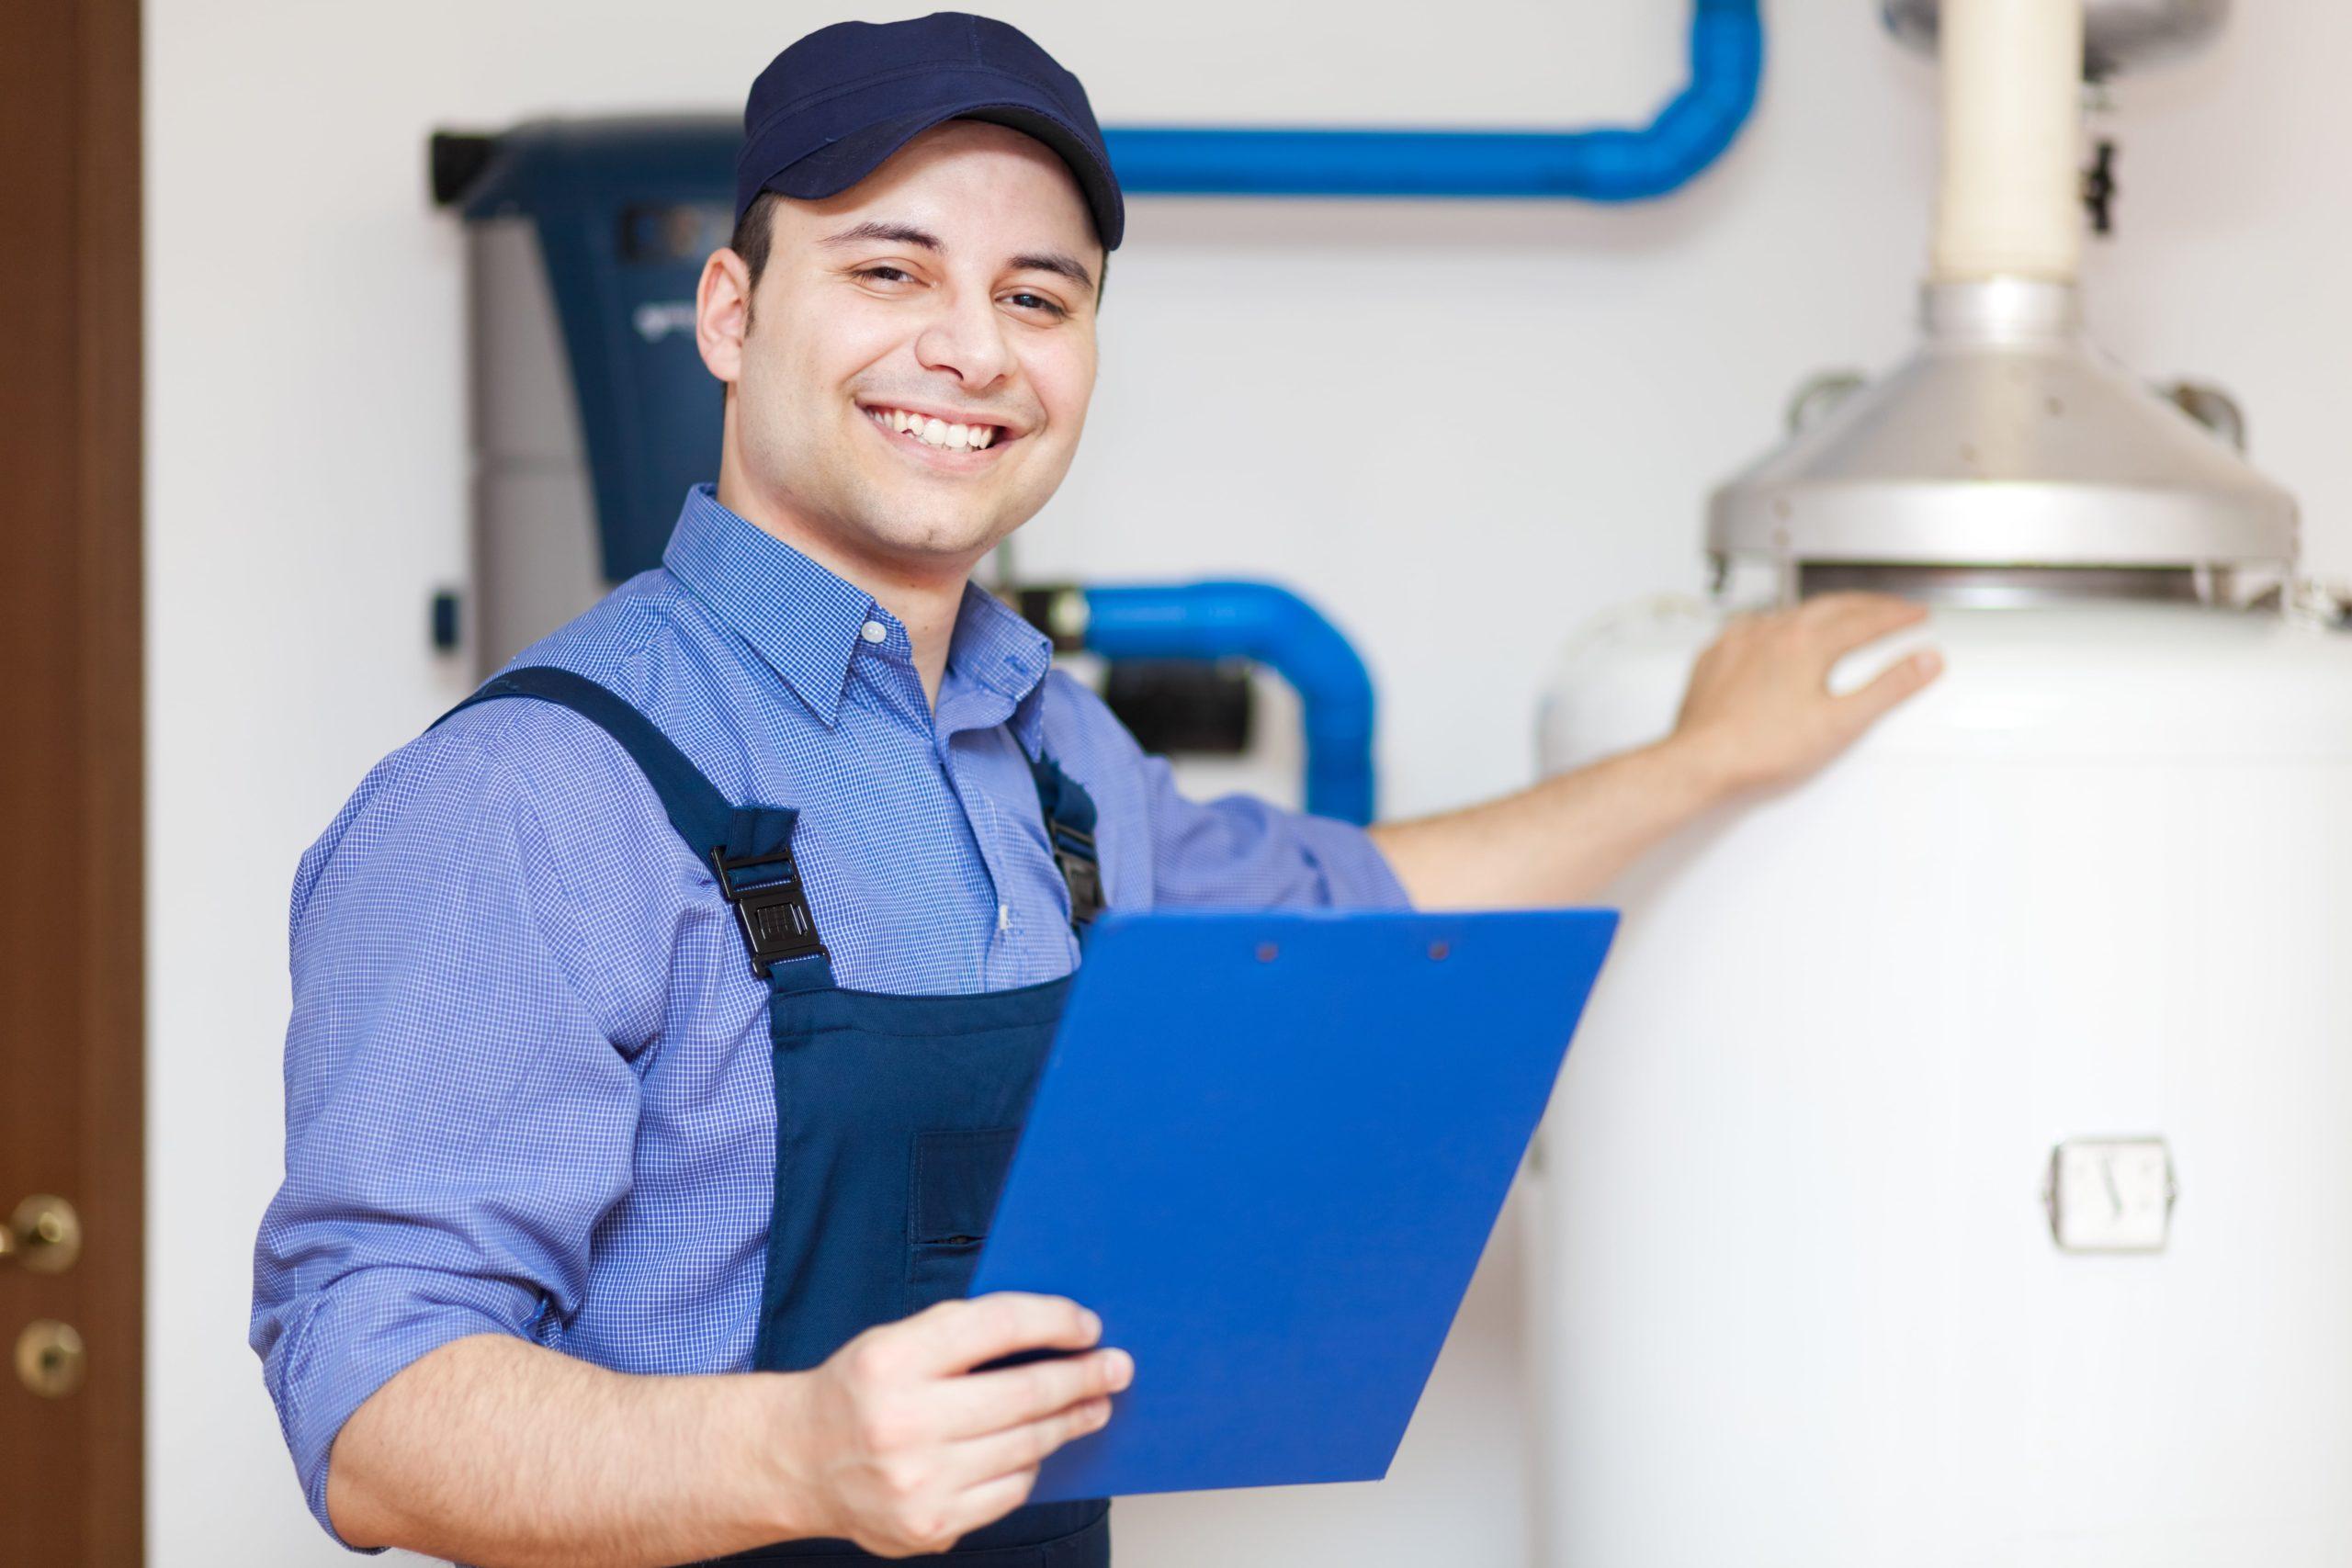 Techniciens pour remplacement chaudière